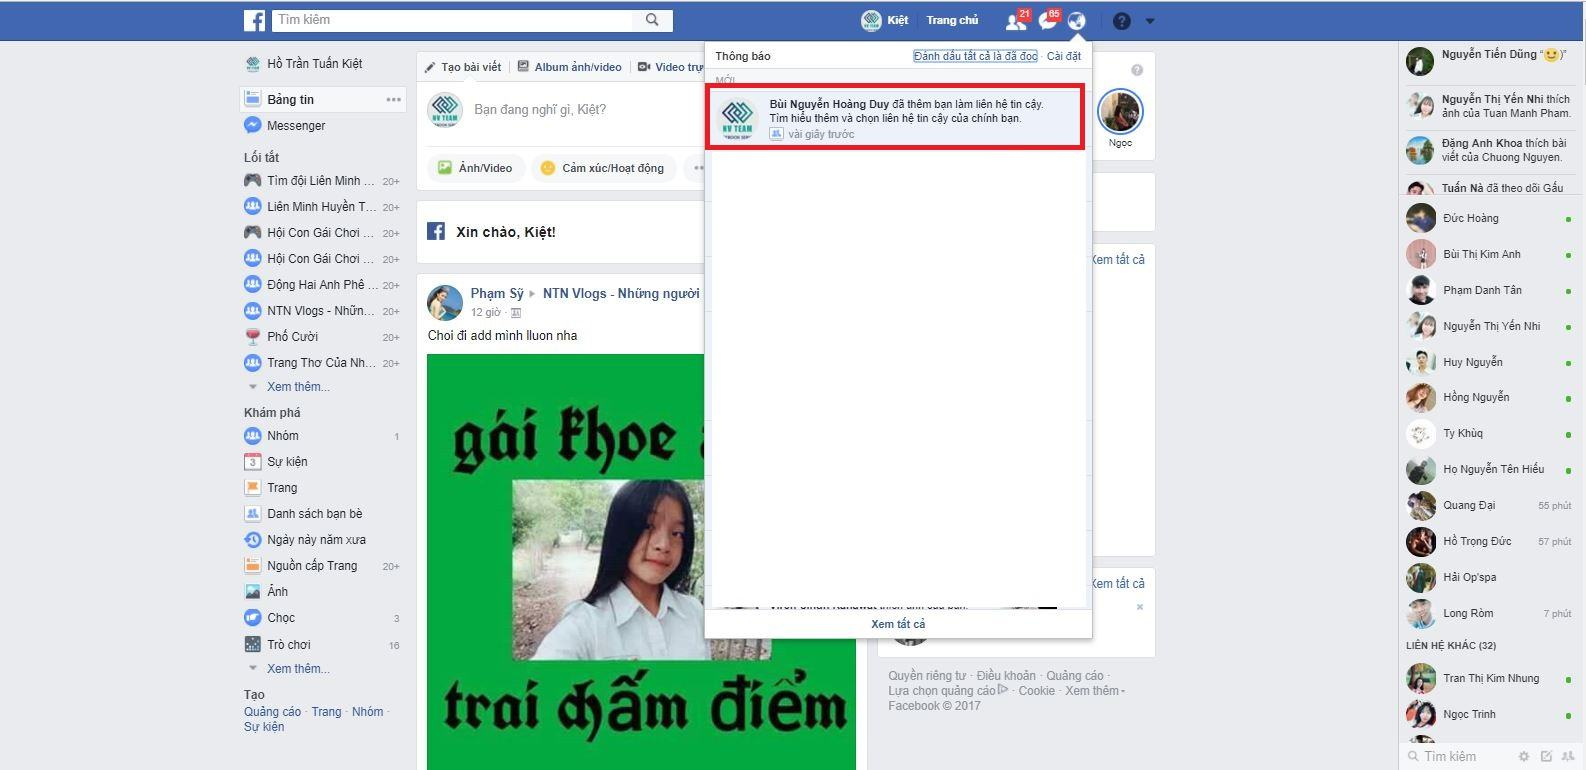 Hỗ trợ lấy lại mật khẩu Facebook nhờ bạn bè tin cậy - image 4 on https://atpsoftware.vn